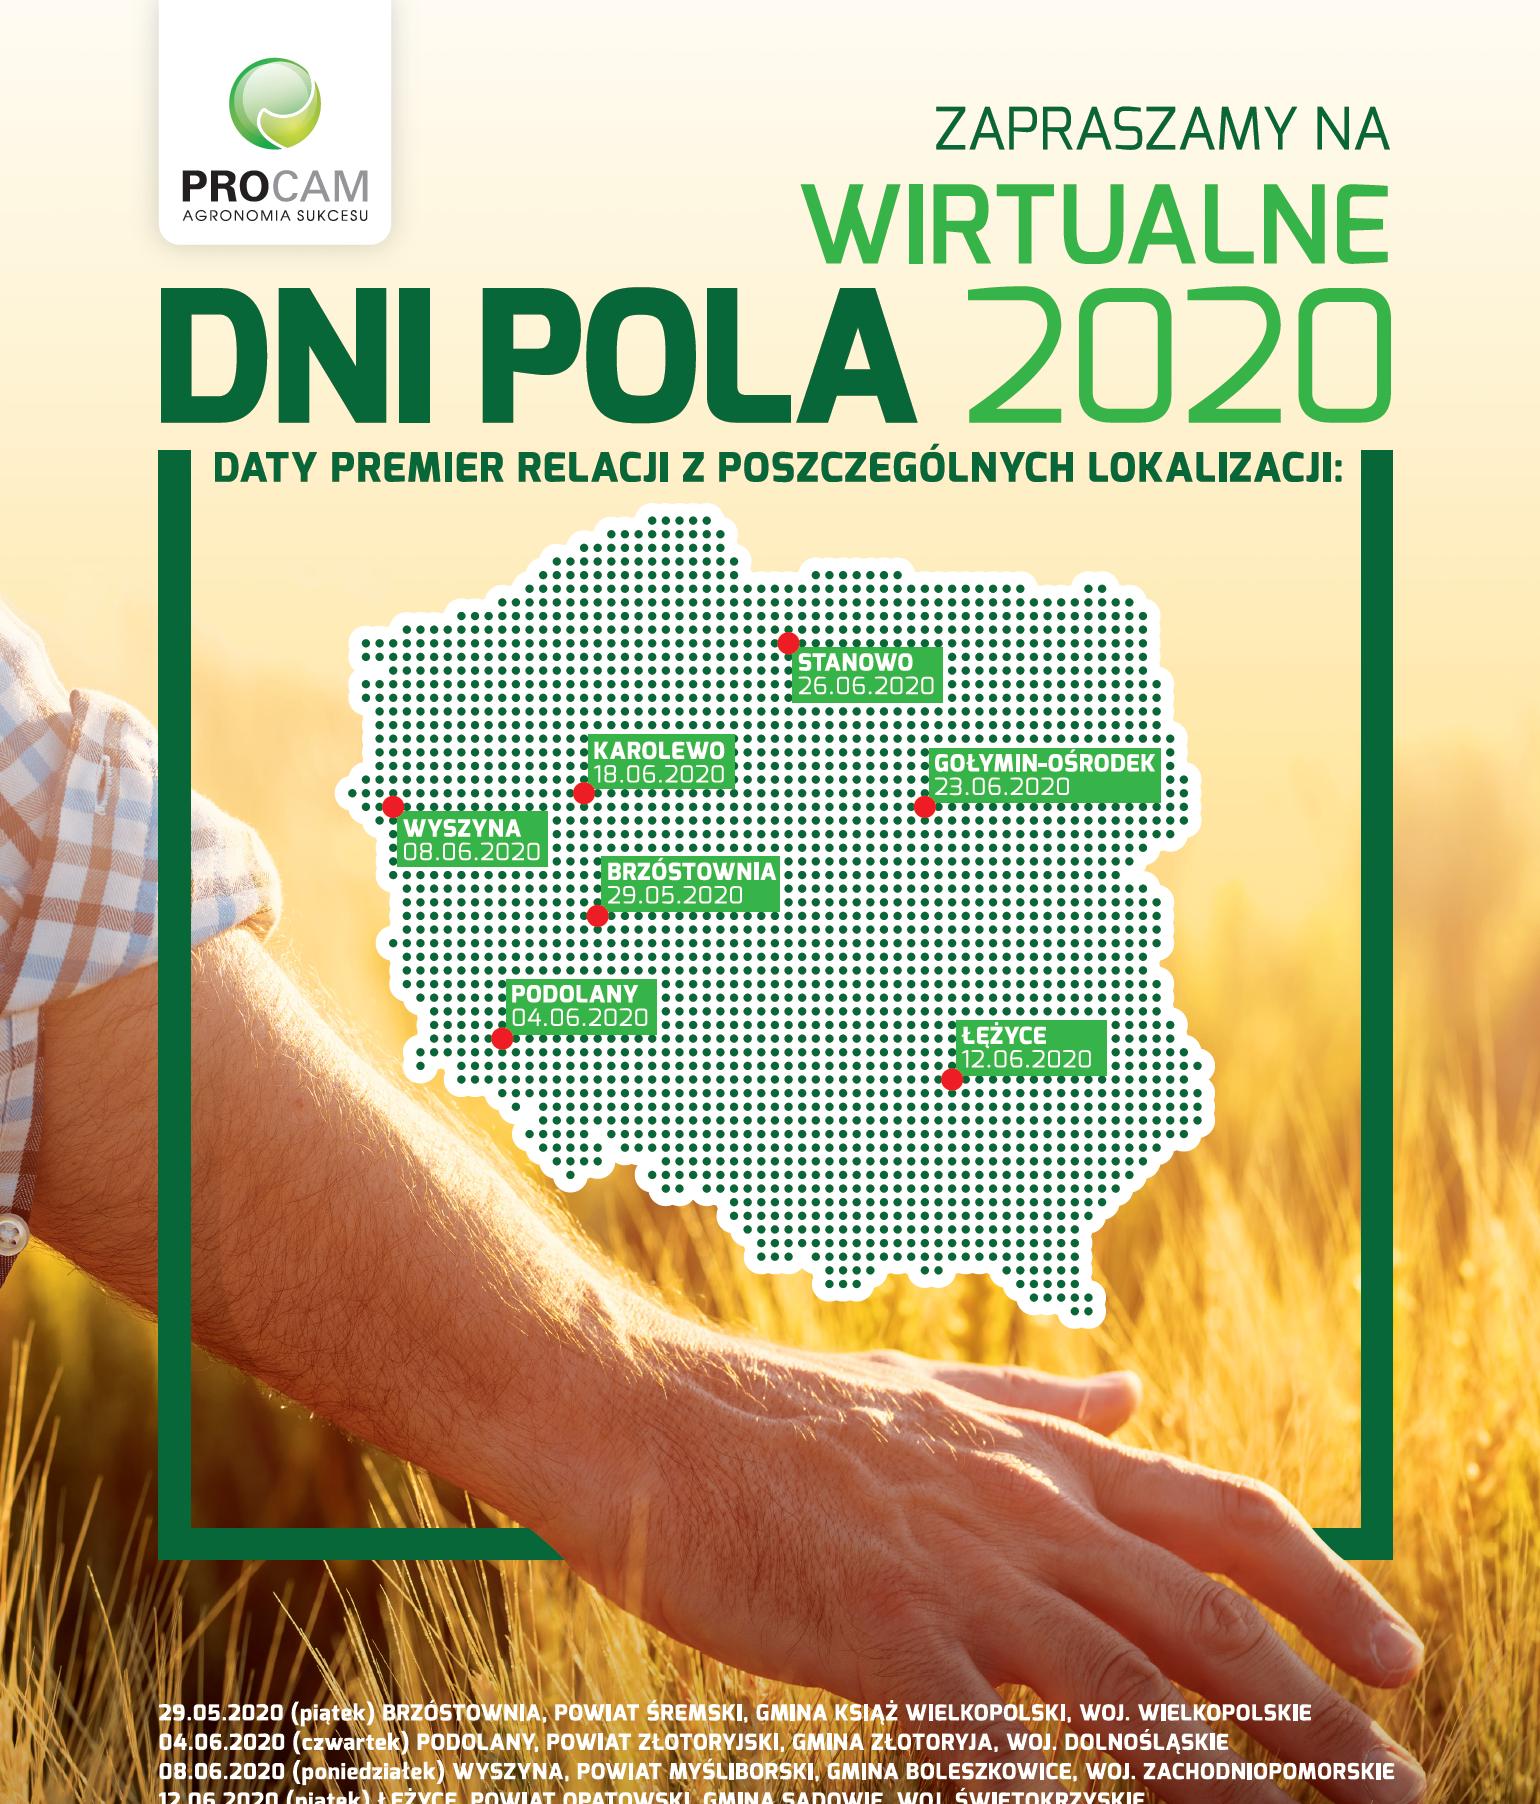 Zapraszamy na Wirtualne Dni Pola PROCAM 2020